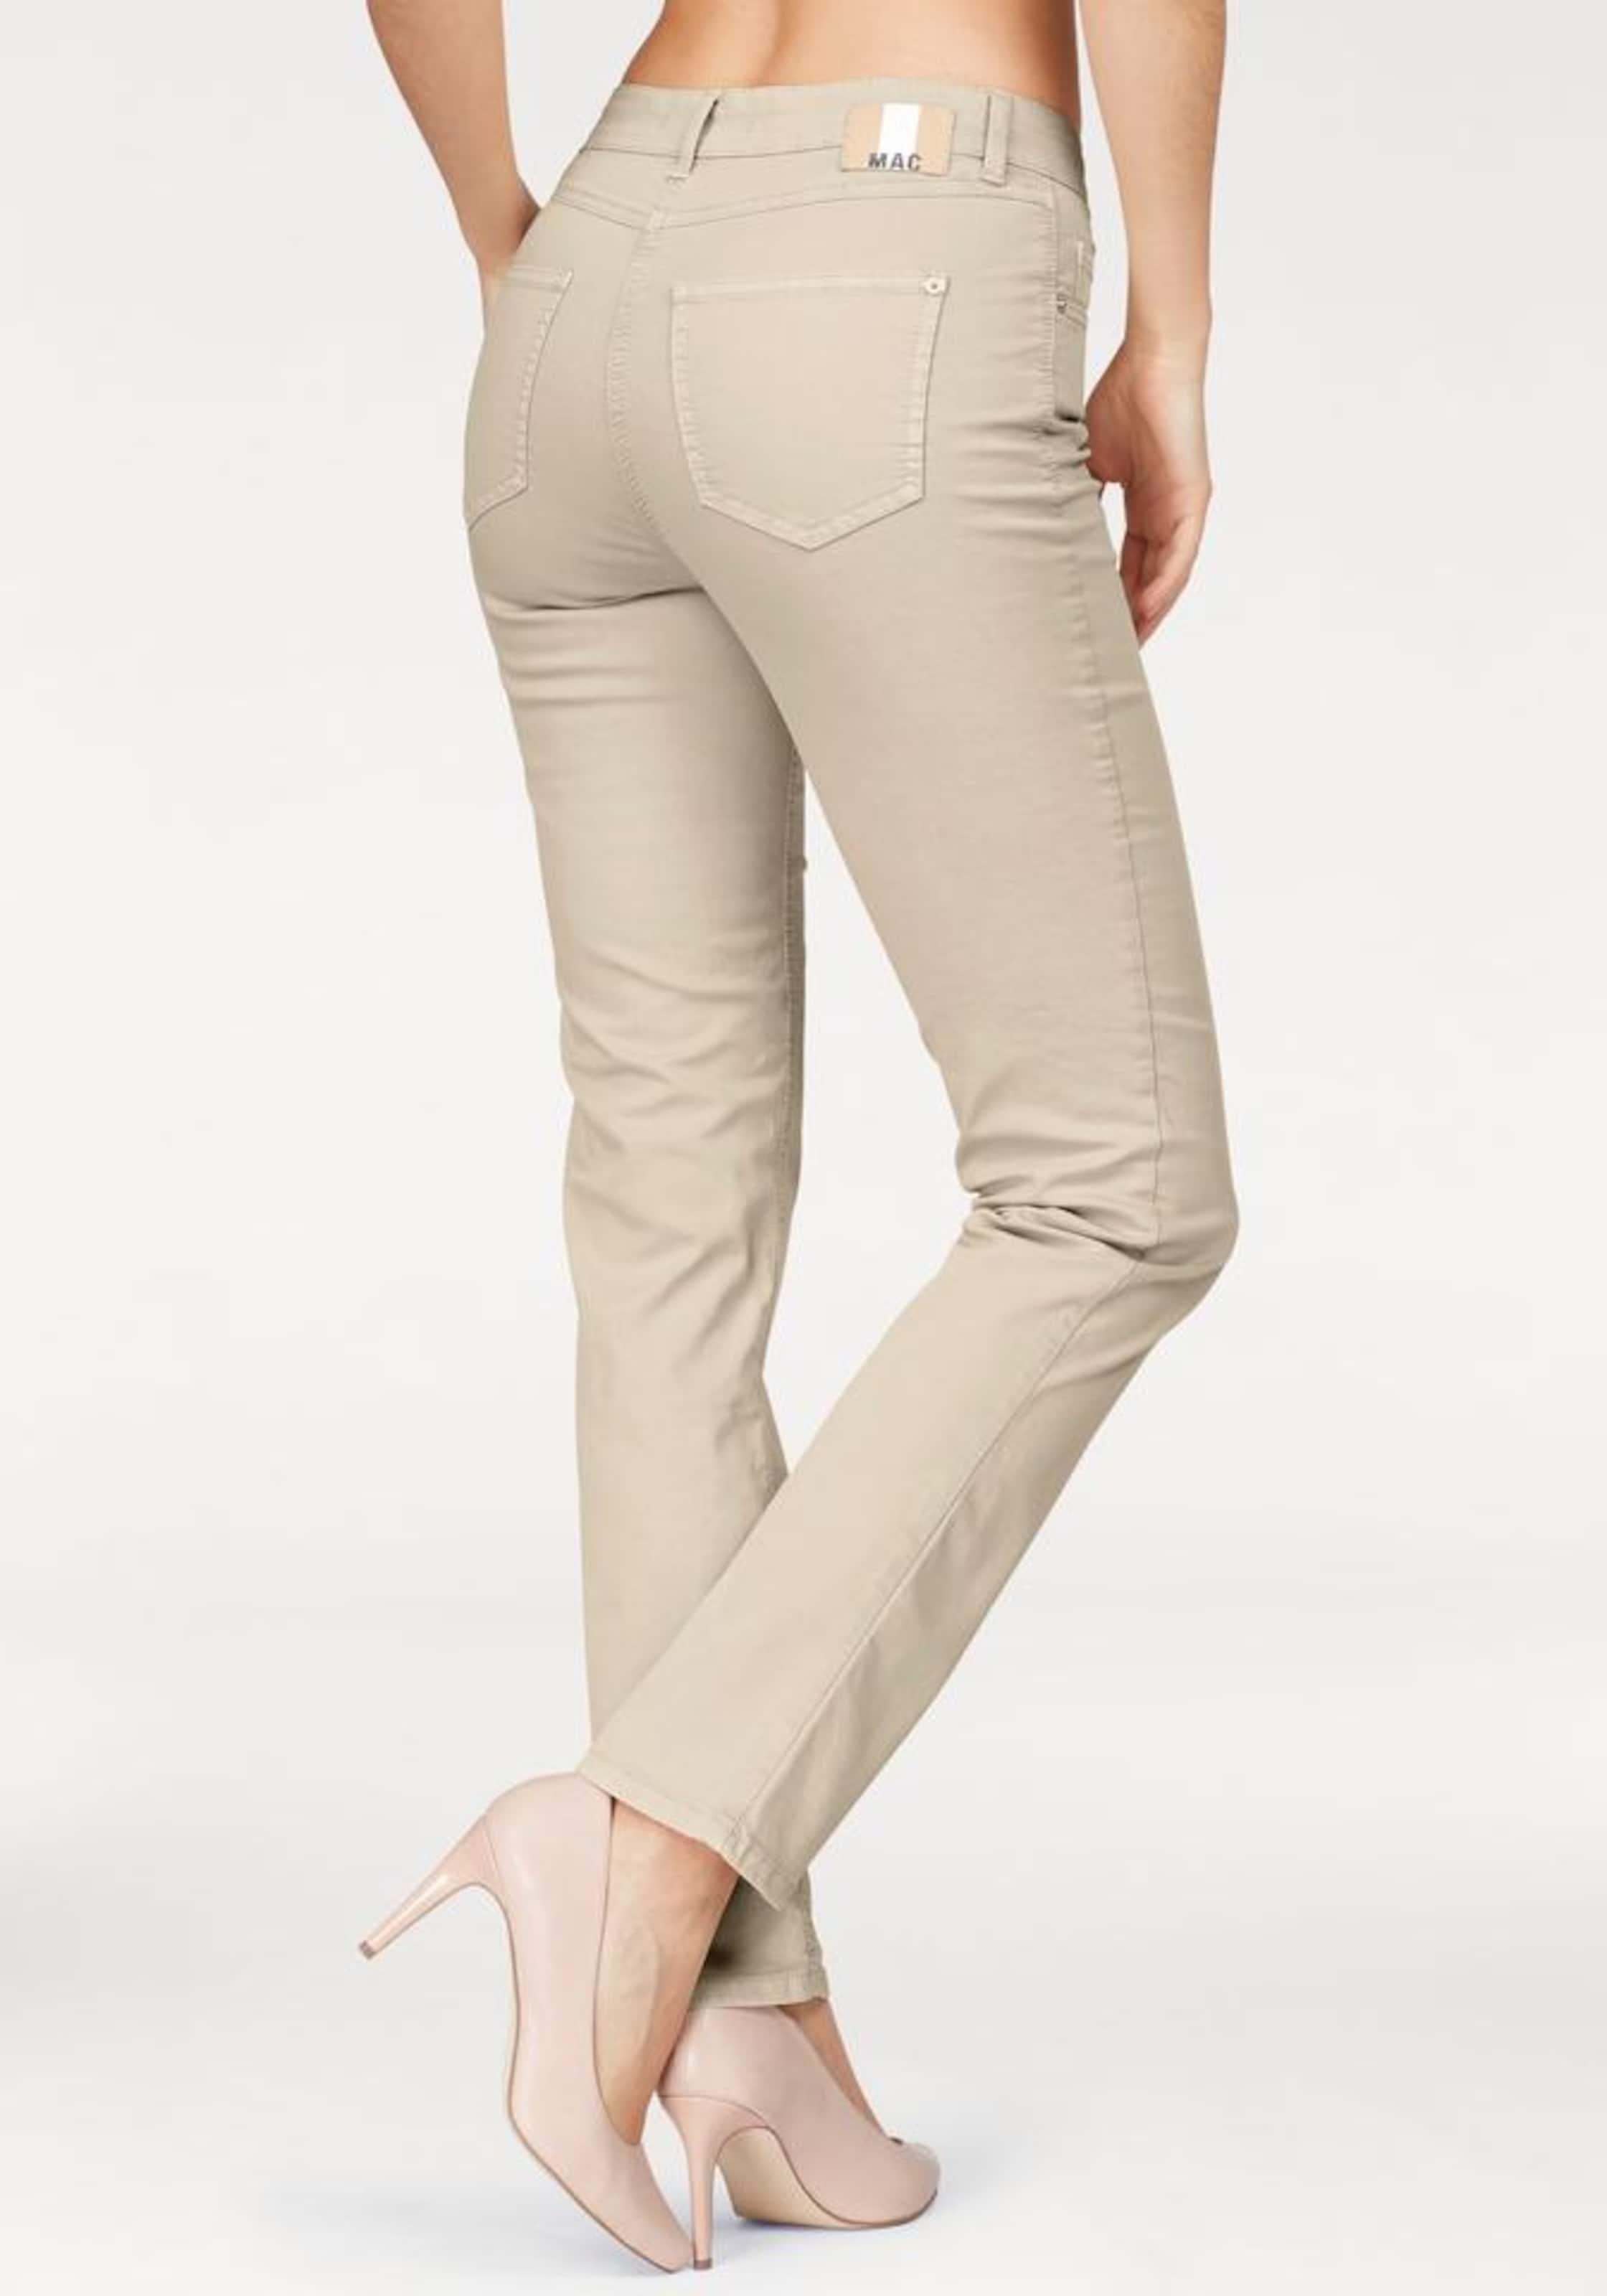 Jeans 'stella' Bequeme In Beige Mac yv80wNOmn